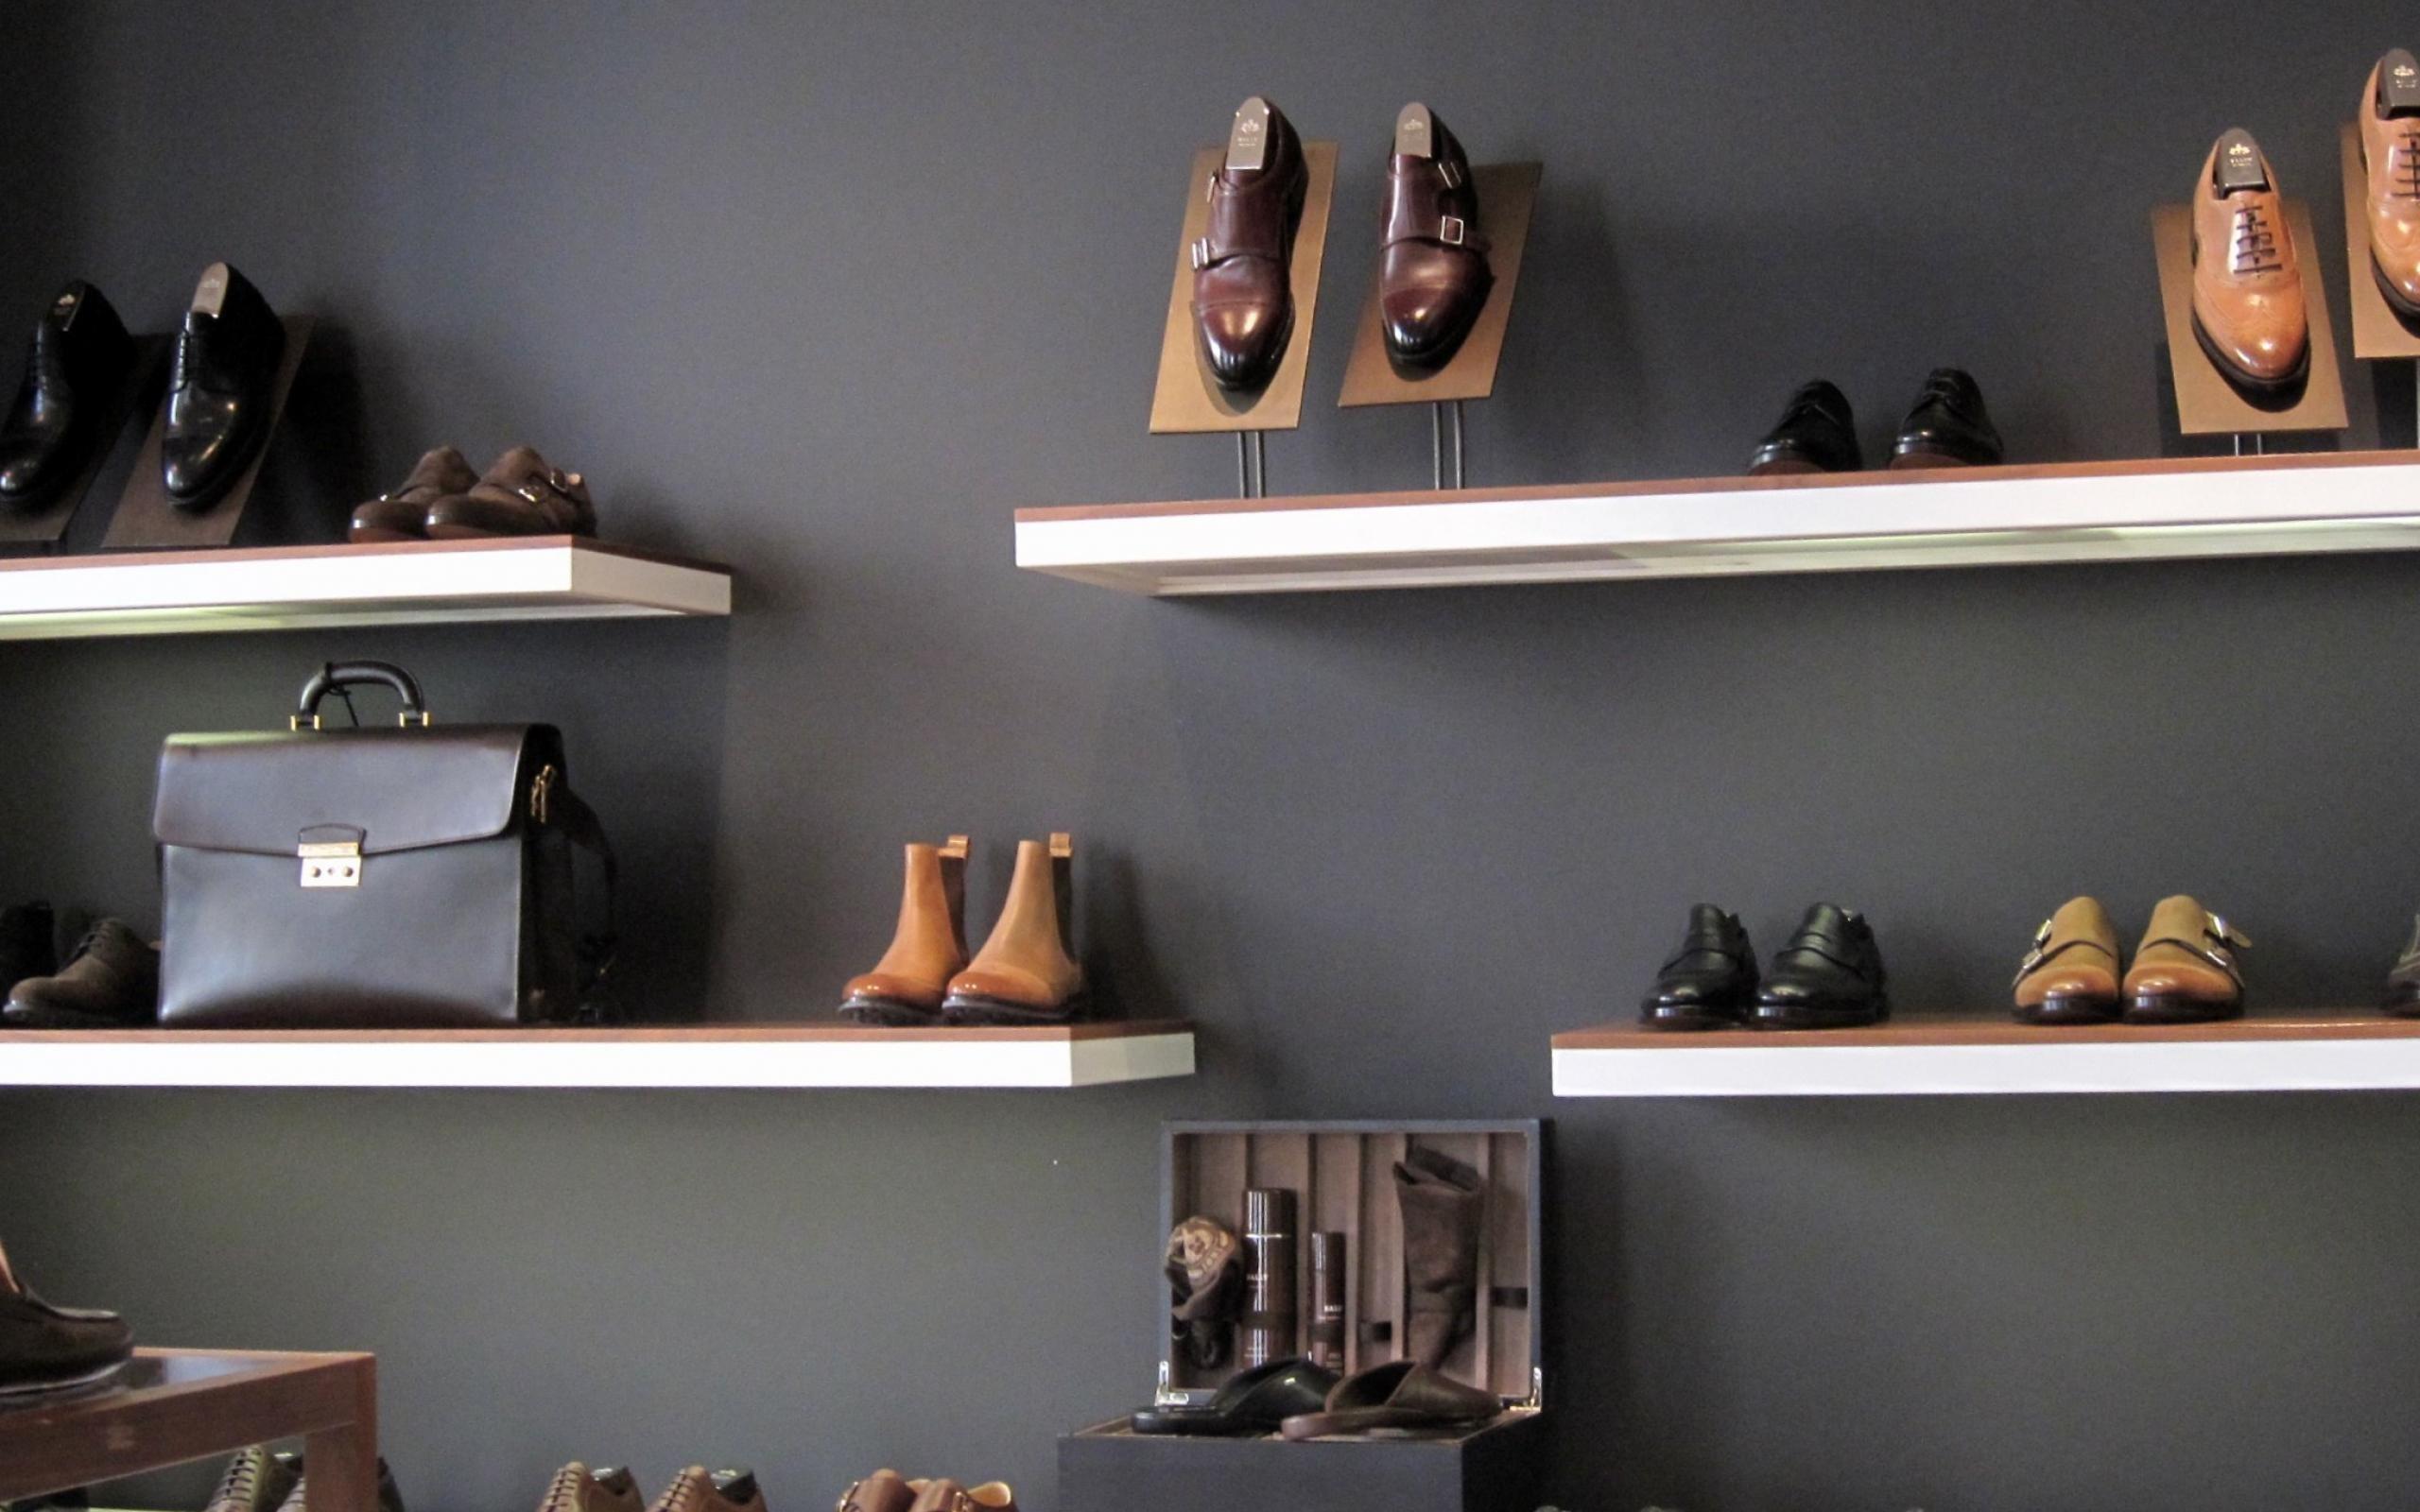 バリー靴 グローバルブランド広告の壁紙プレビュー 10wallpaper Com